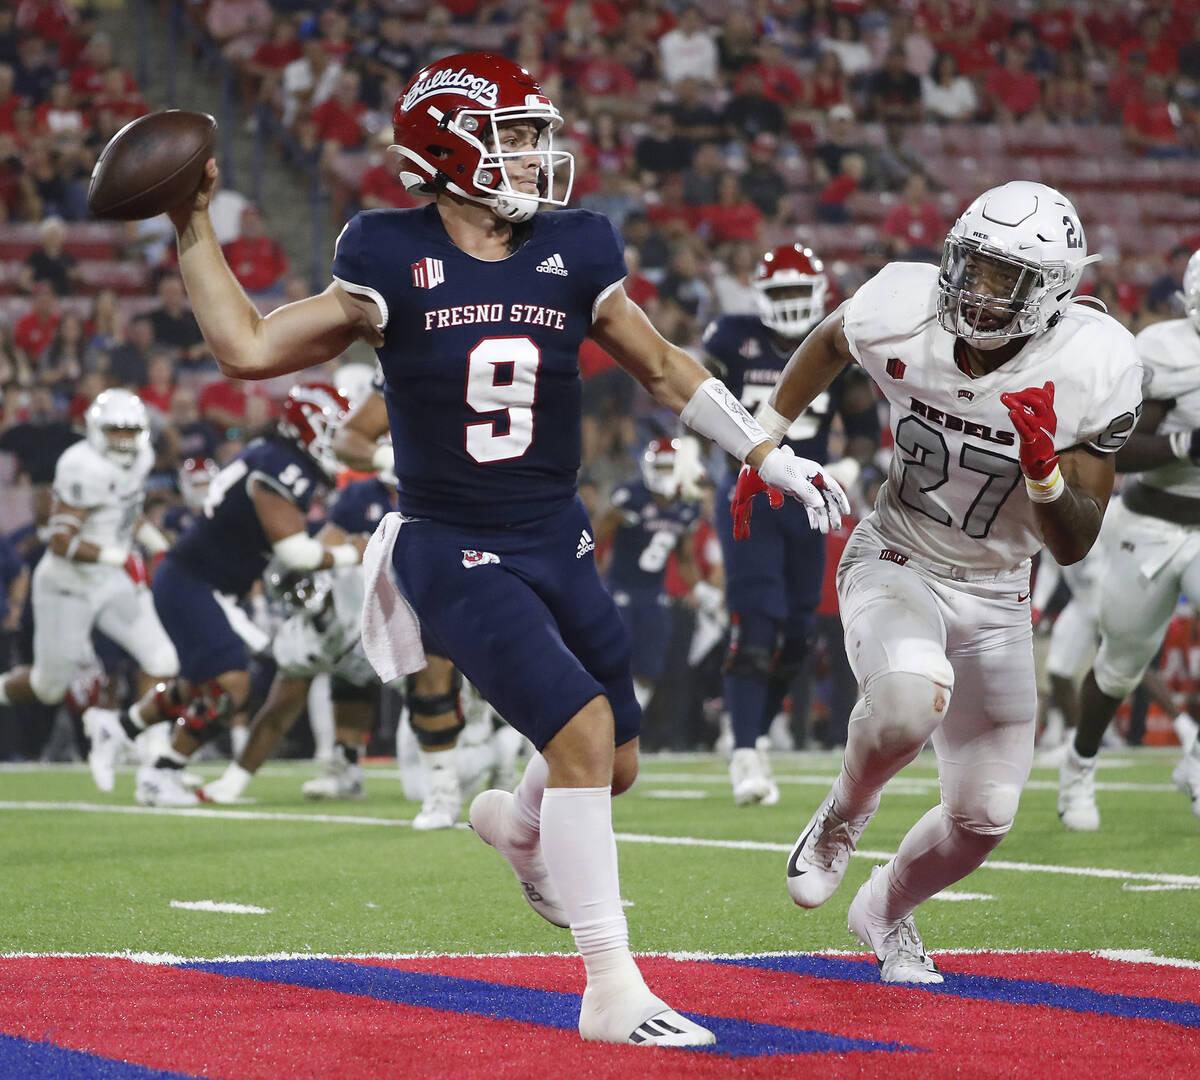 Fresno State quarterback Jake Haener avoids a sack against UNLV linebacker Austin Ajiake during ...